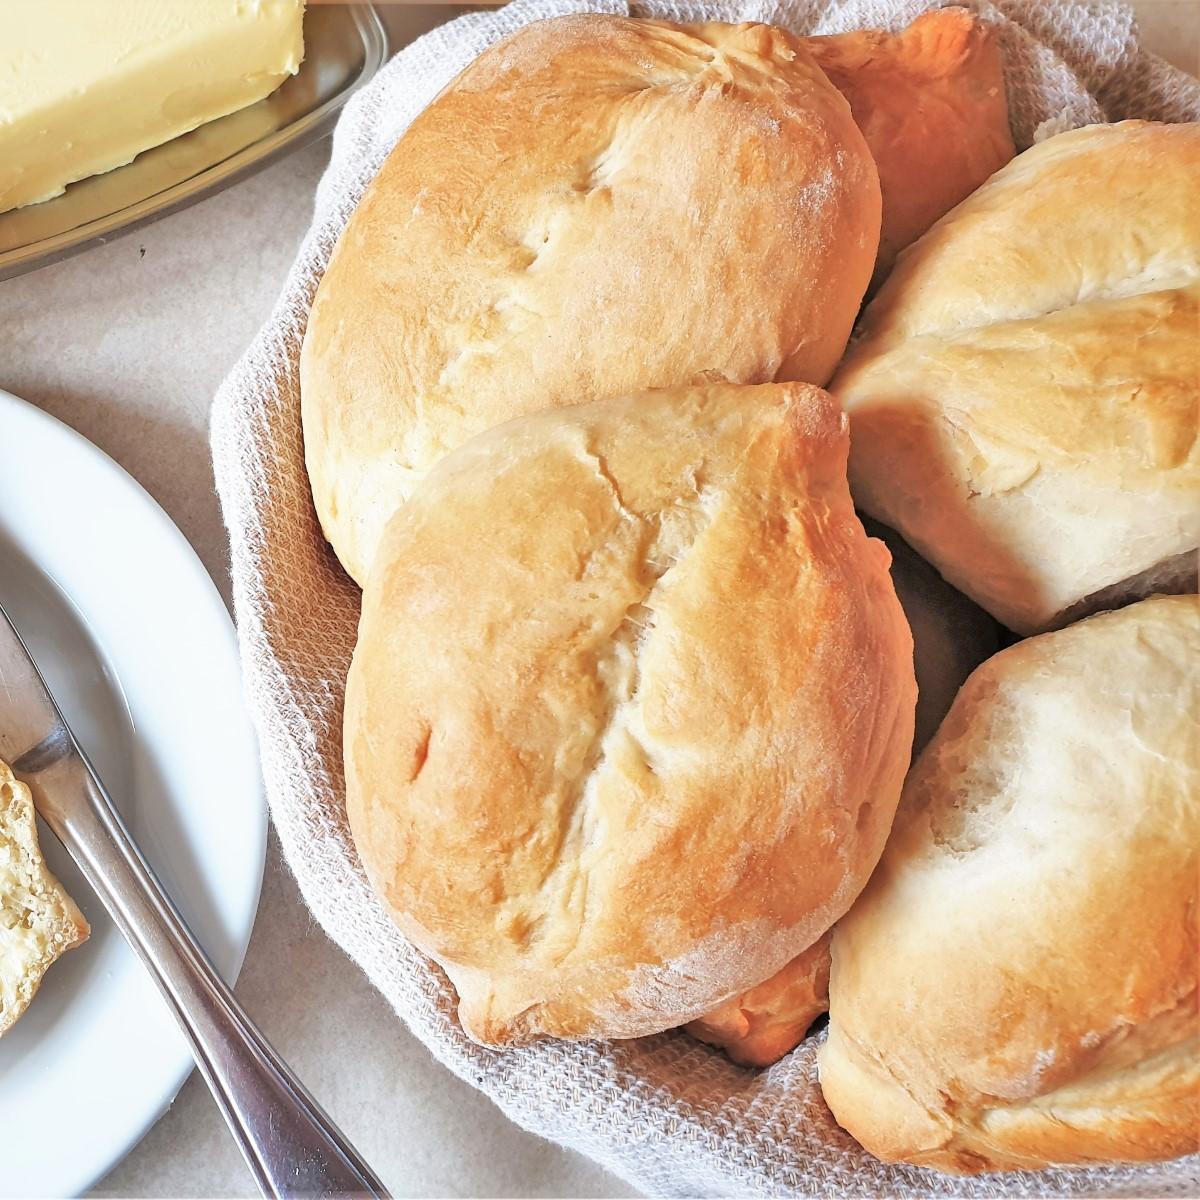 Portuguese rolls in a dish.